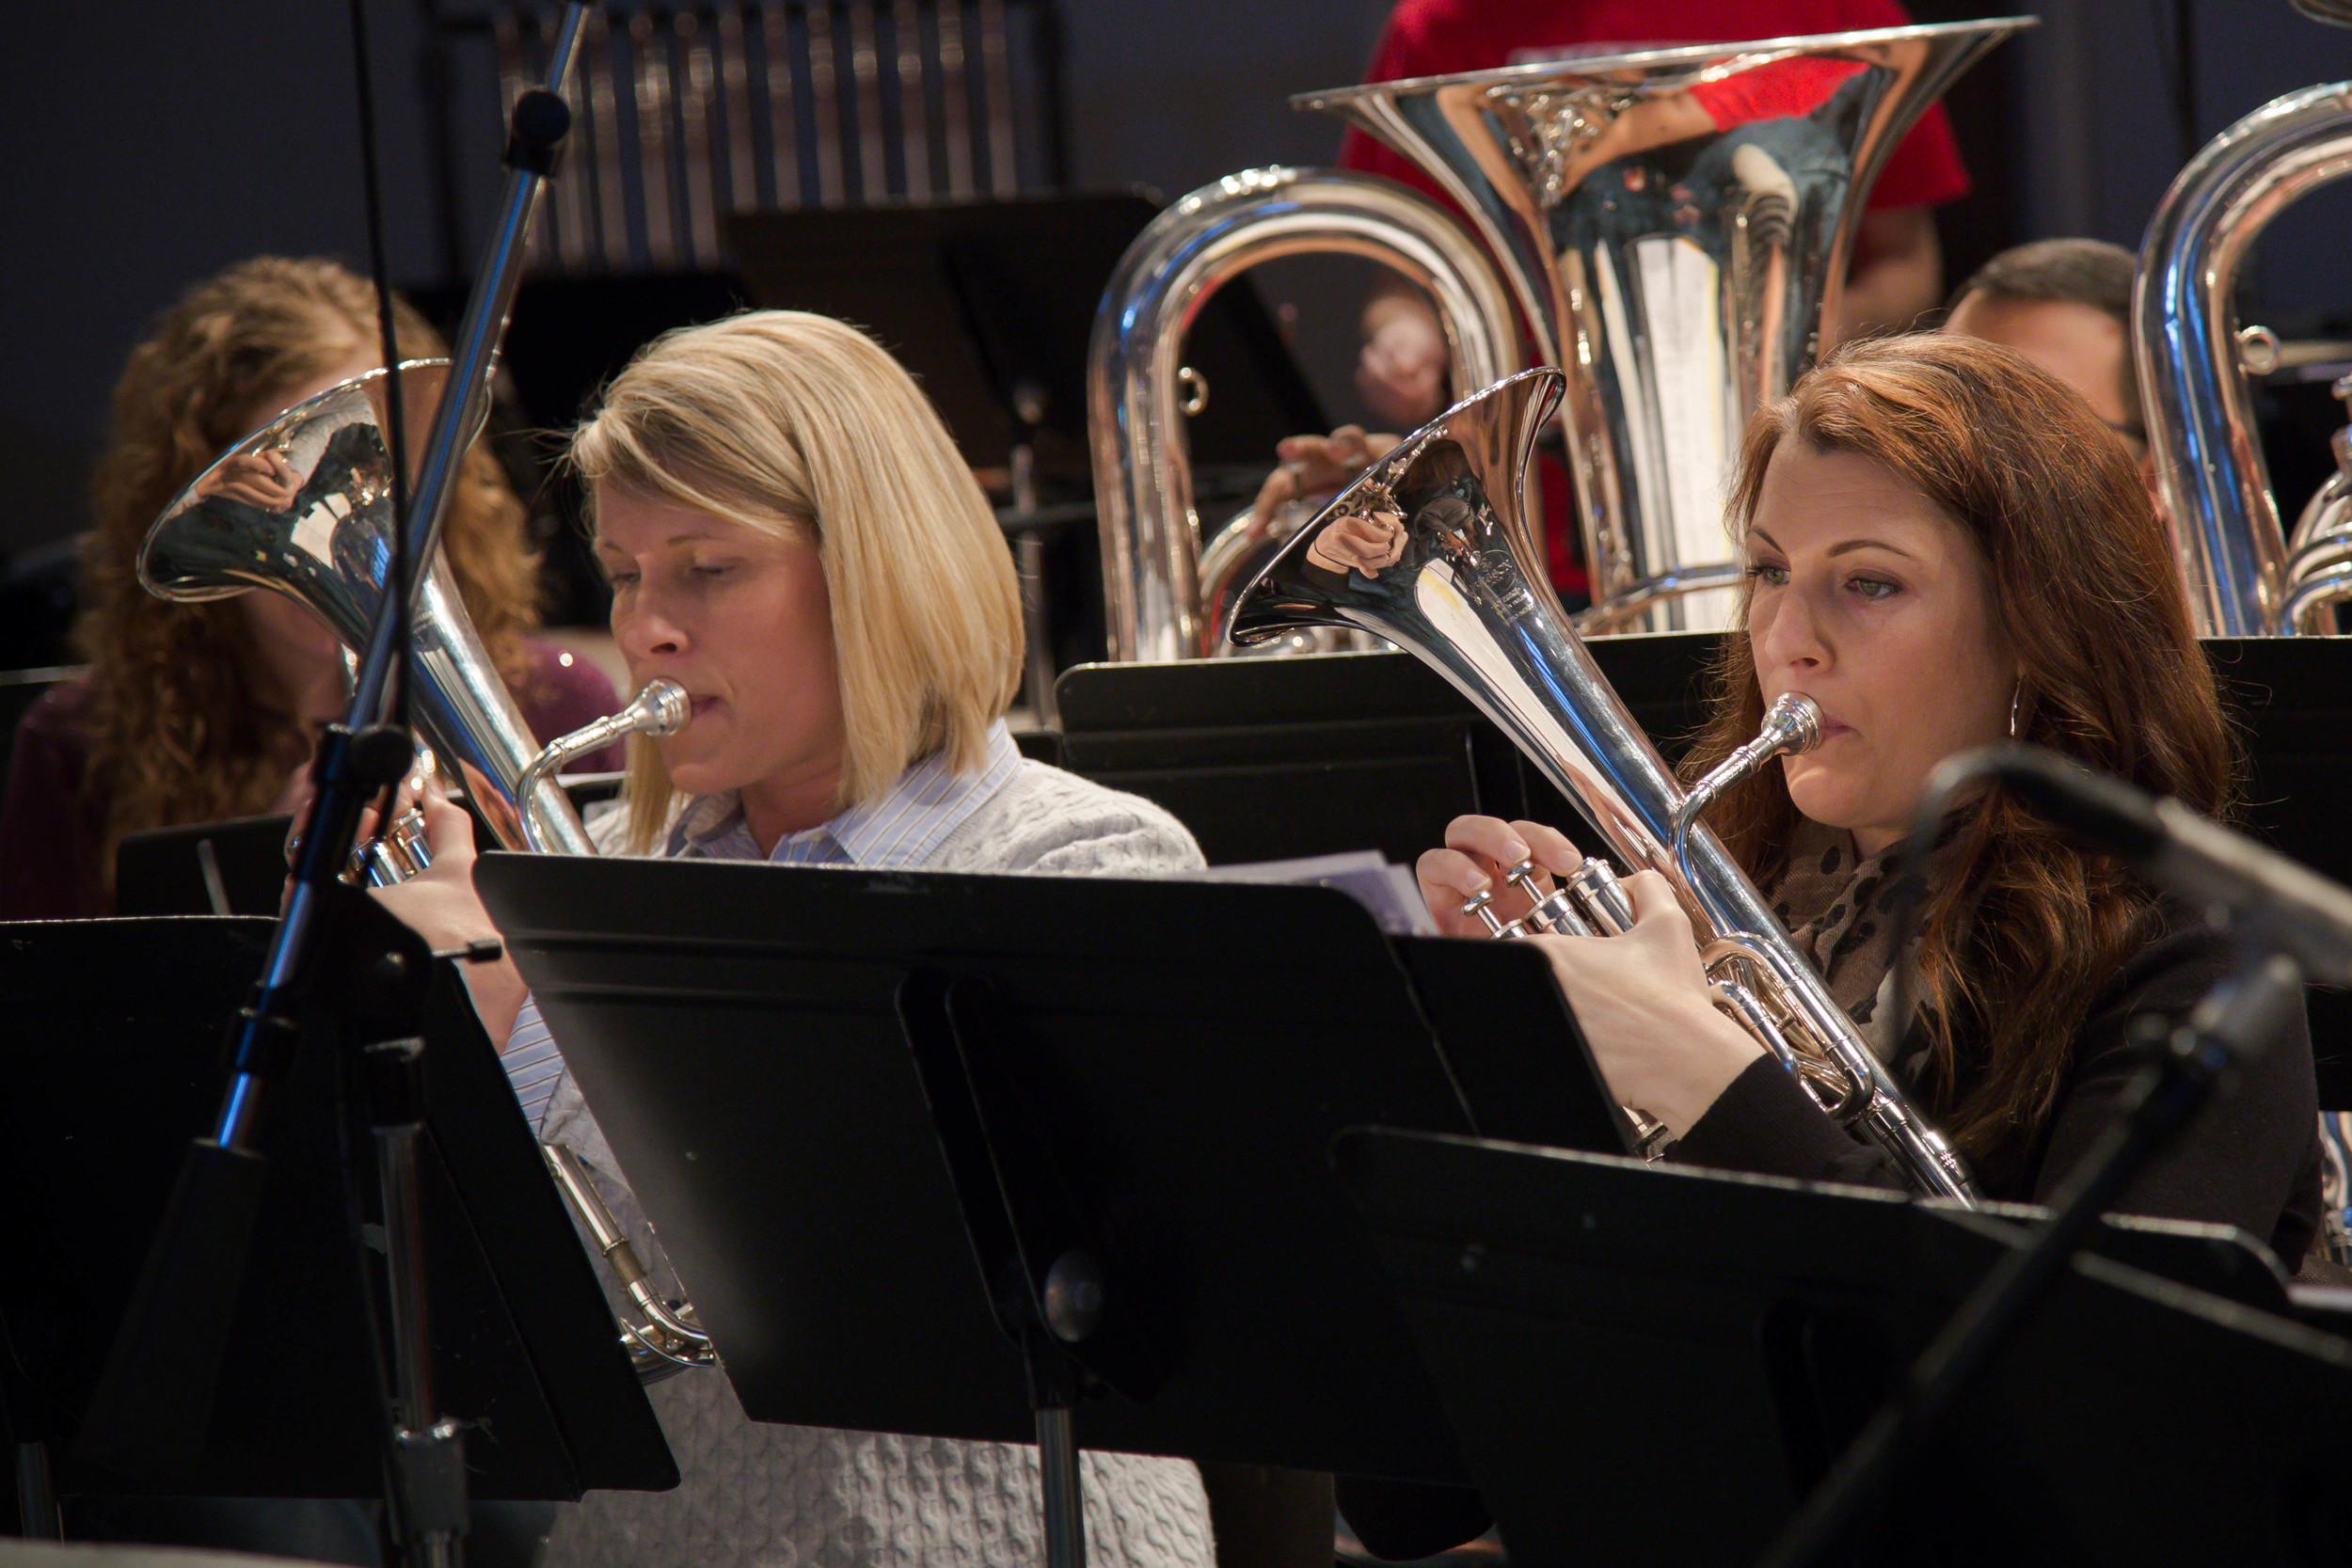 Horns: Connie Barrington, Hillary Esquivel